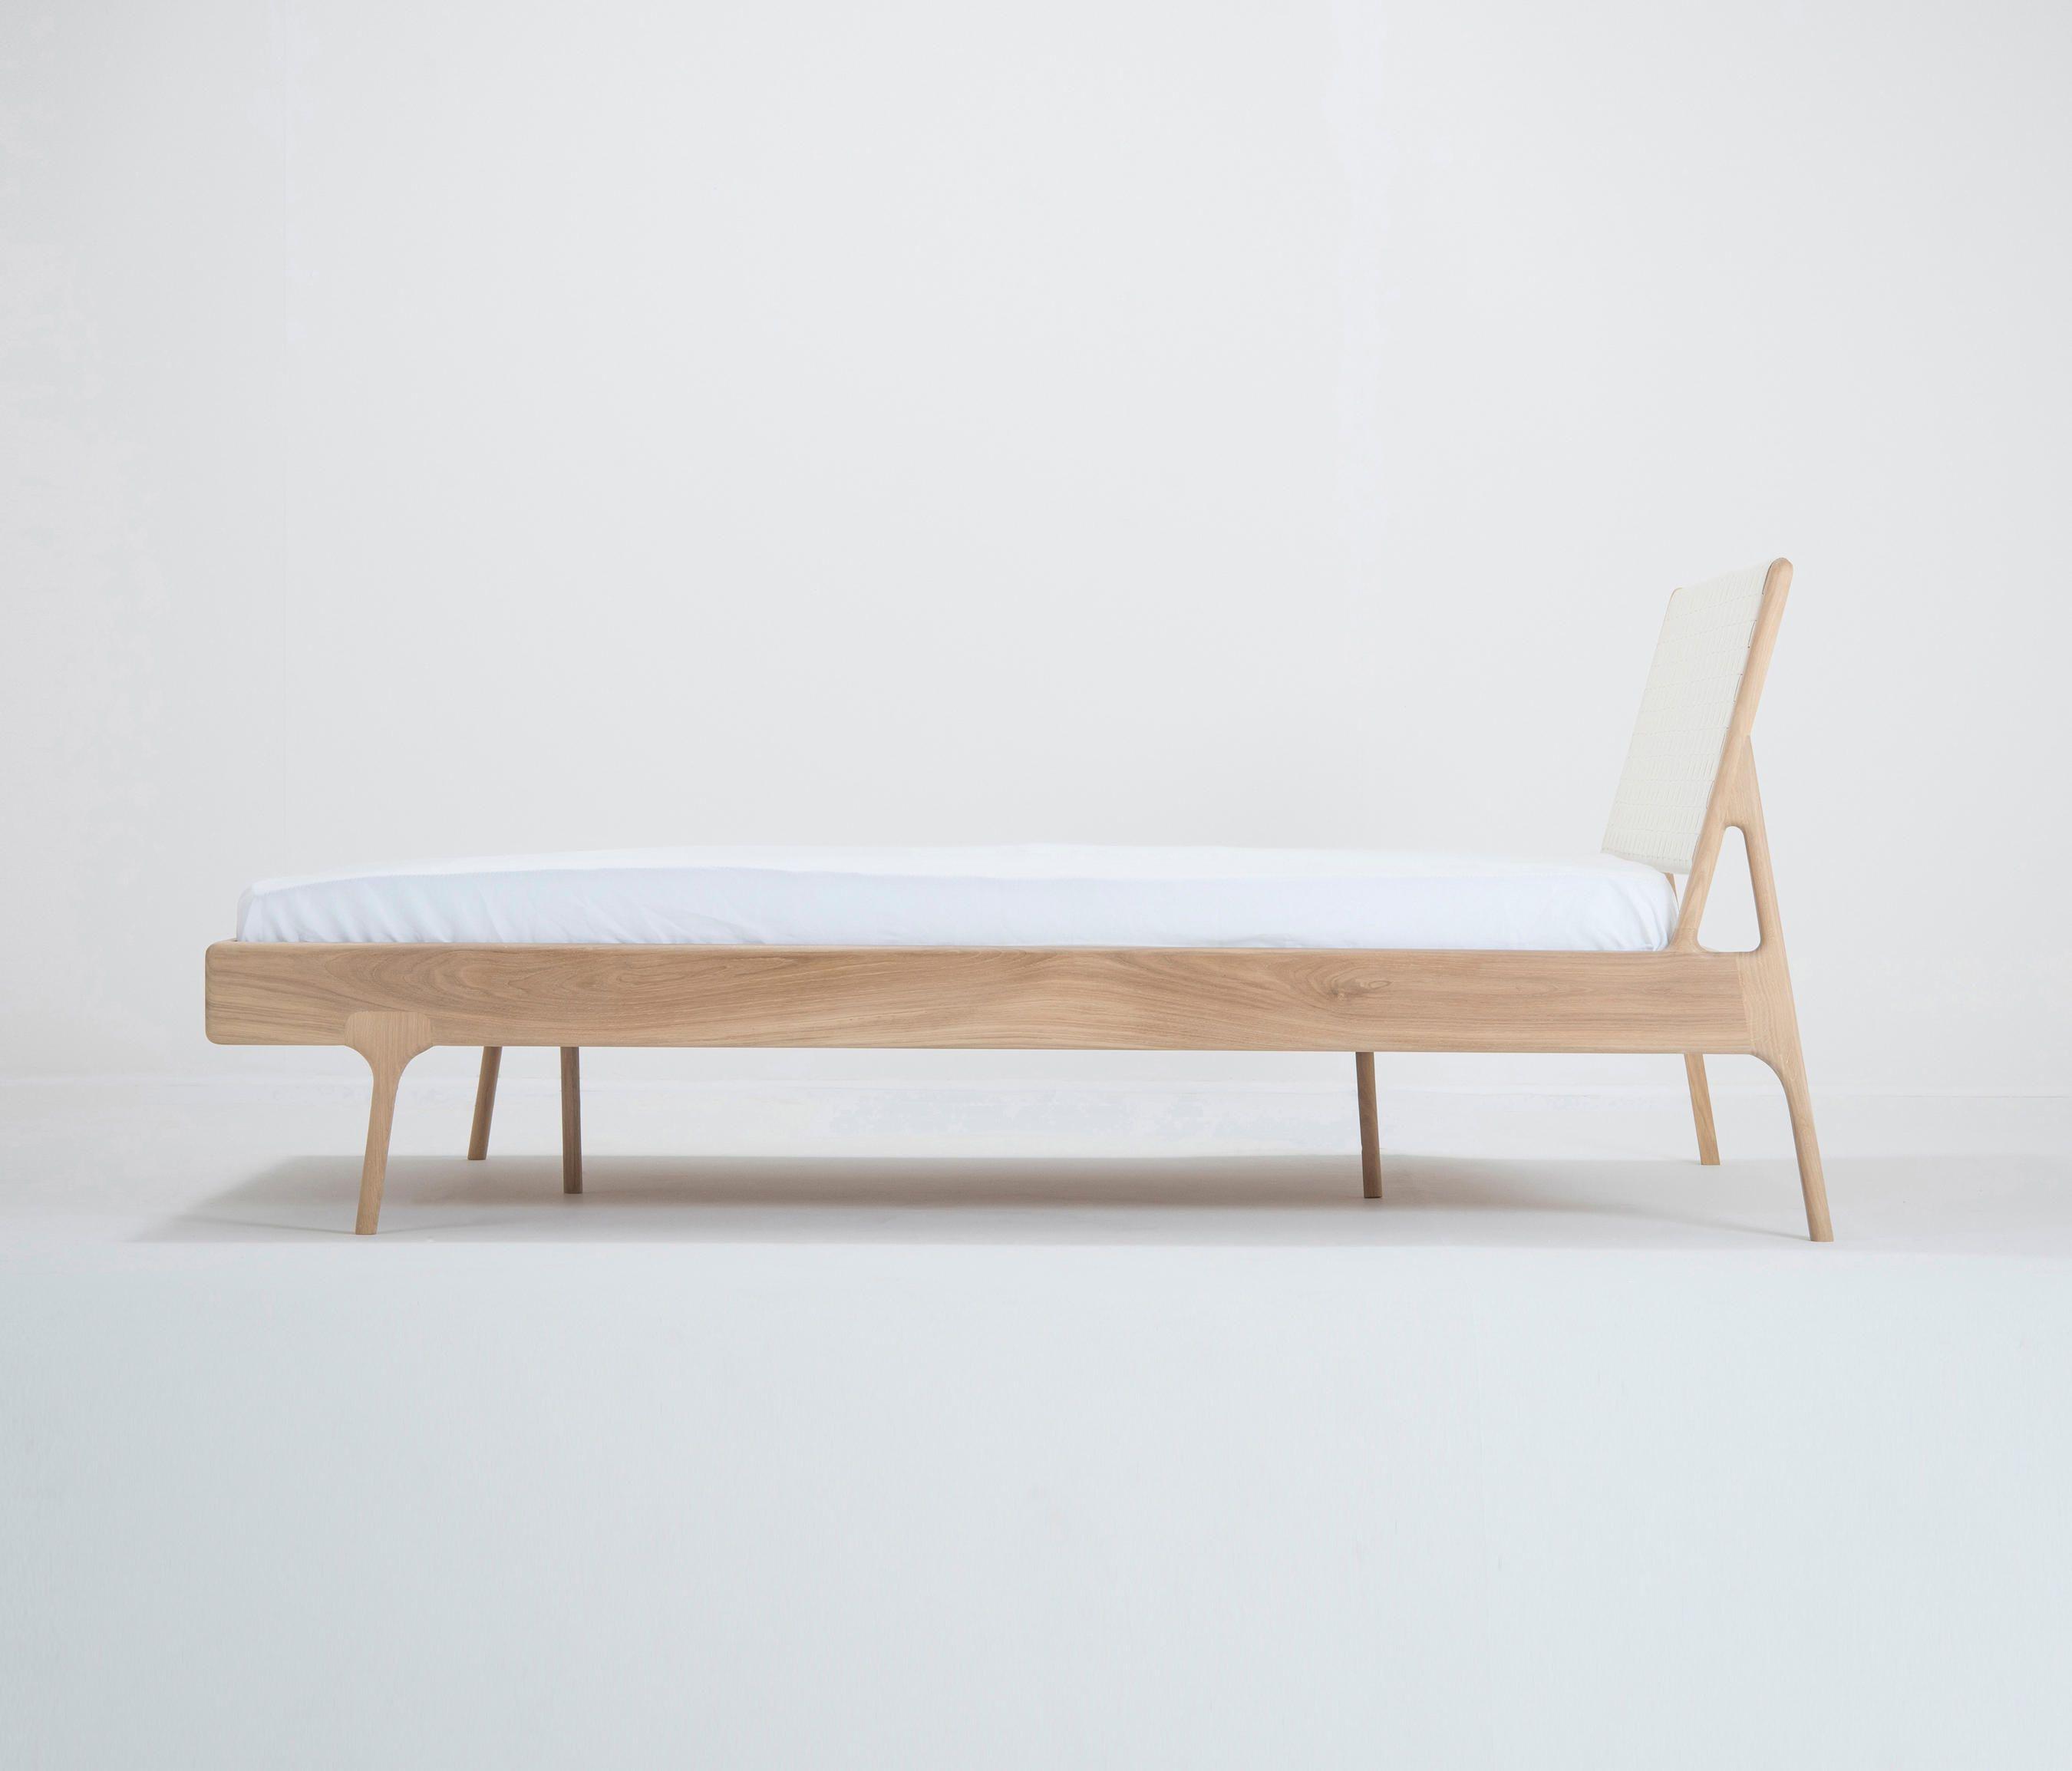 Fawn Bed Deep Frame 140x200 Webbing Designer Bedframes From Gazzda All Information High Resolution Images Cads Catalog Bed Bed Frame Home Decor